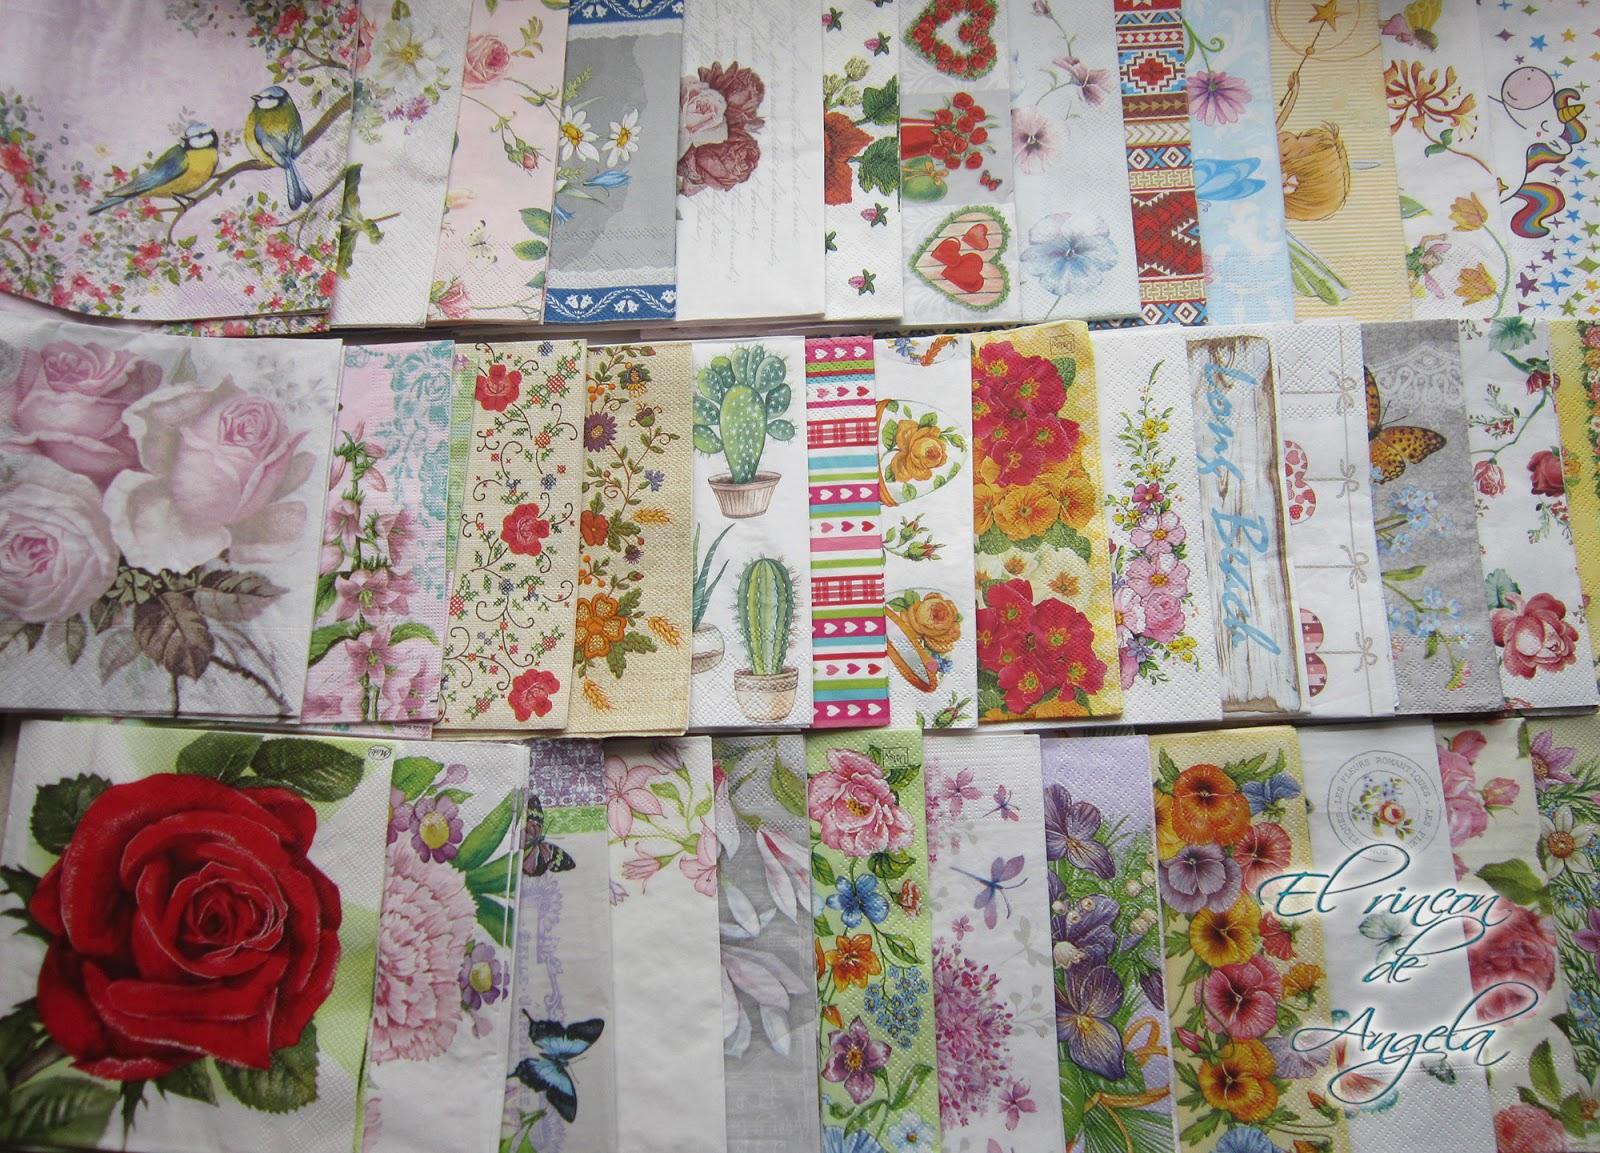 El rincon de angela mi compra de servilletas decoradas for Decoupage con servilletas en muebles